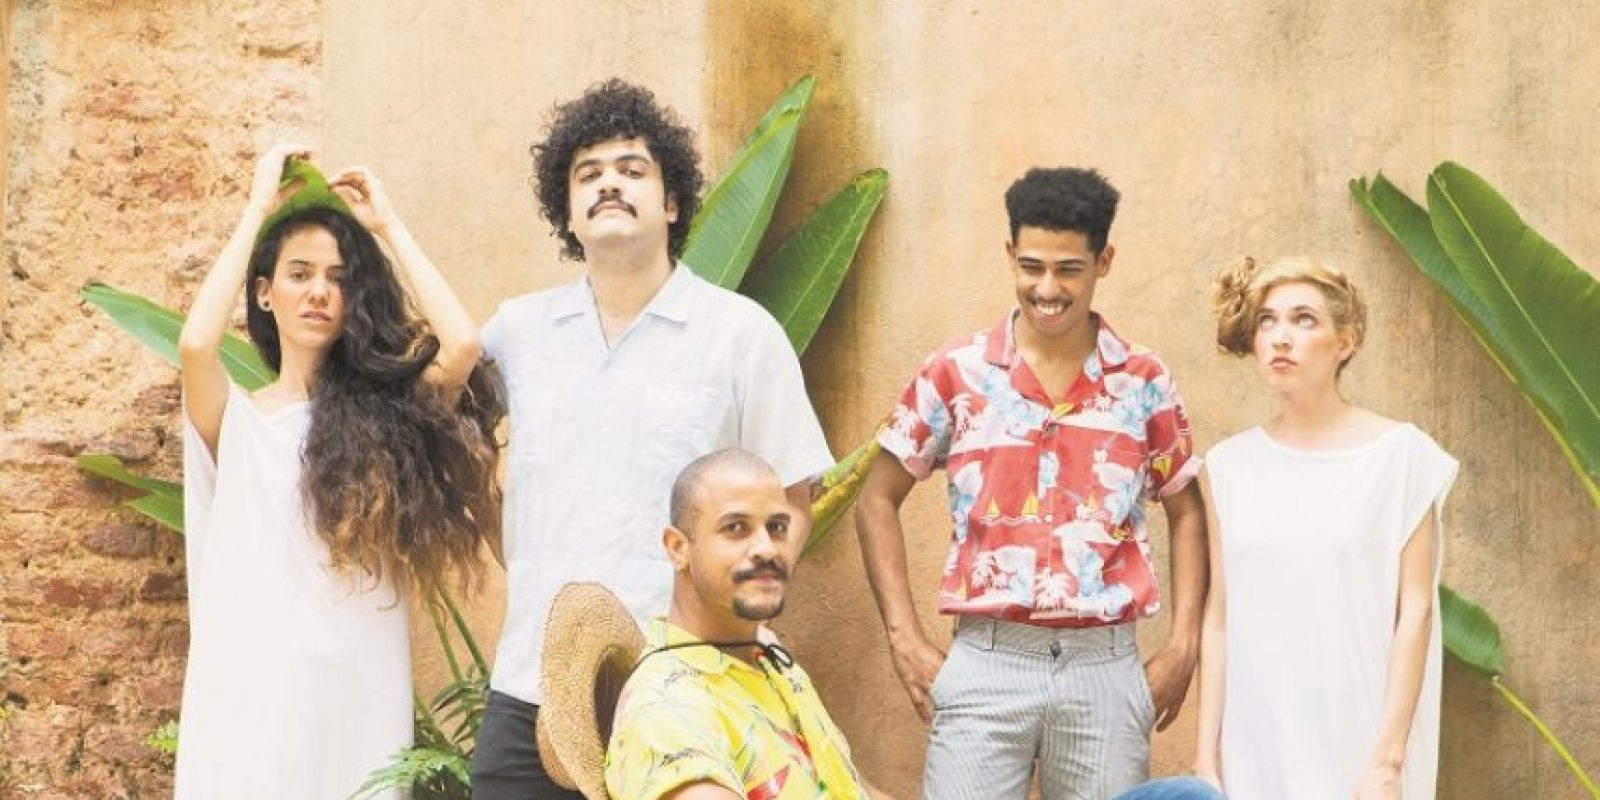 """Alex Ferreira y su """"Frente Caribe"""" preparan su promer disco en este diciembre. Foto: Fuente externa"""